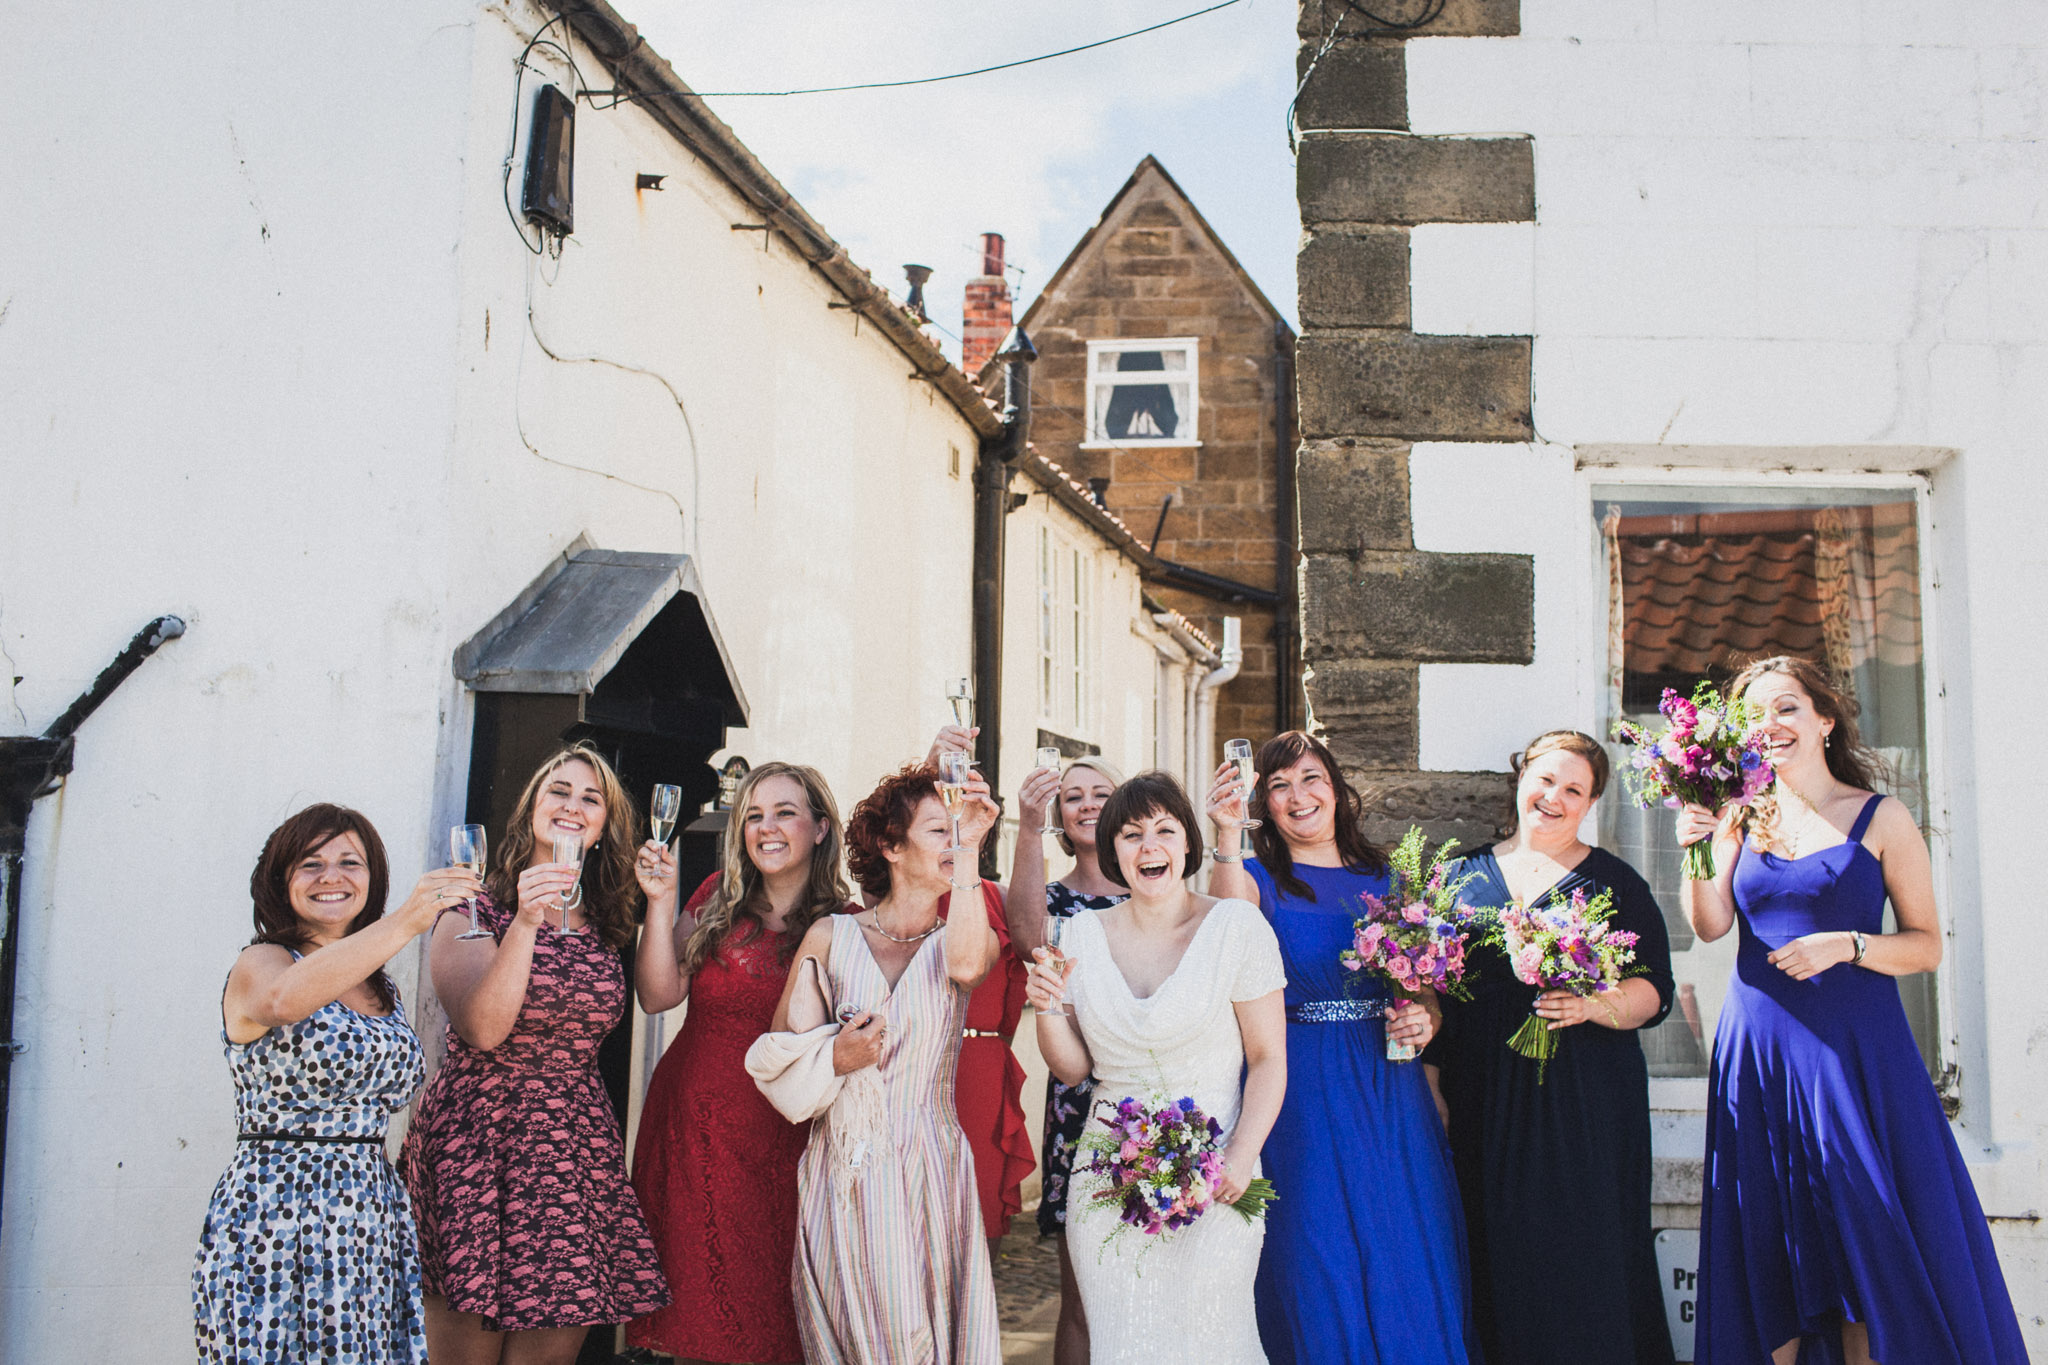 wedding_robin_hoods_bay_whitby_045.jpg